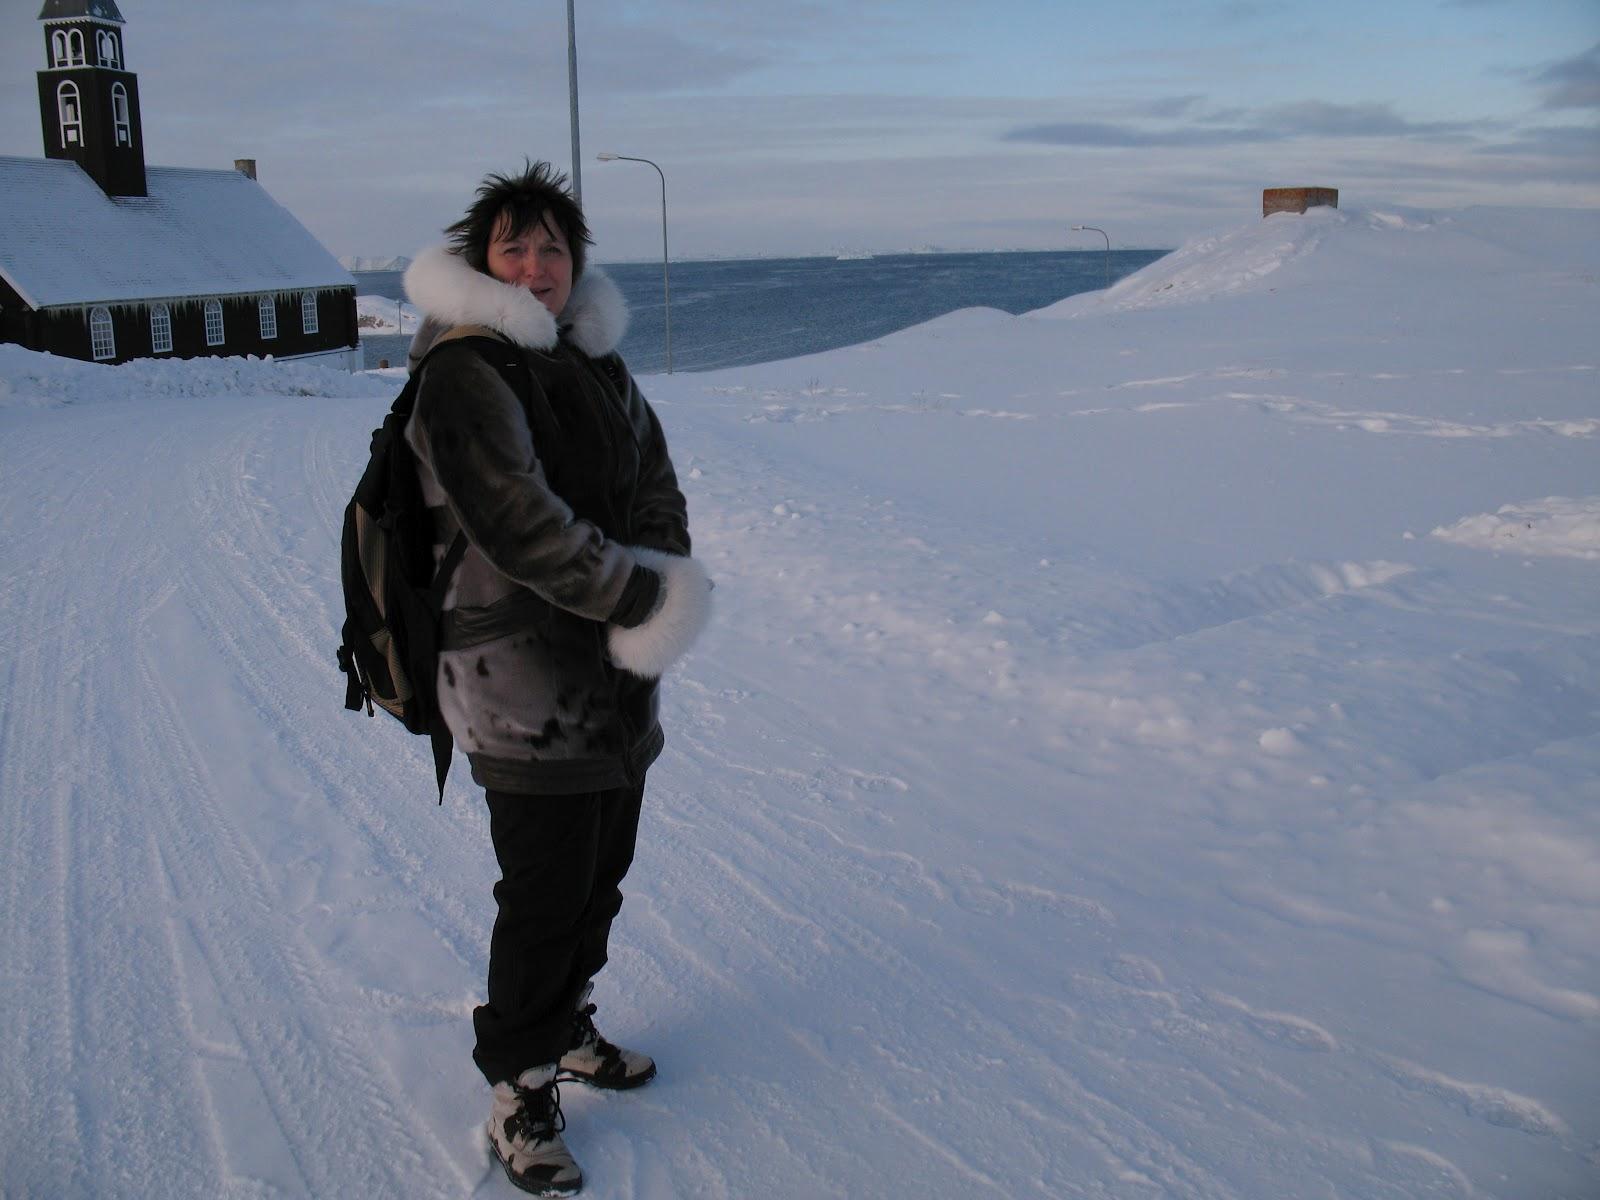 Rörströmsdoktor på Grönland: Kyrkliga äventyr på Grönland